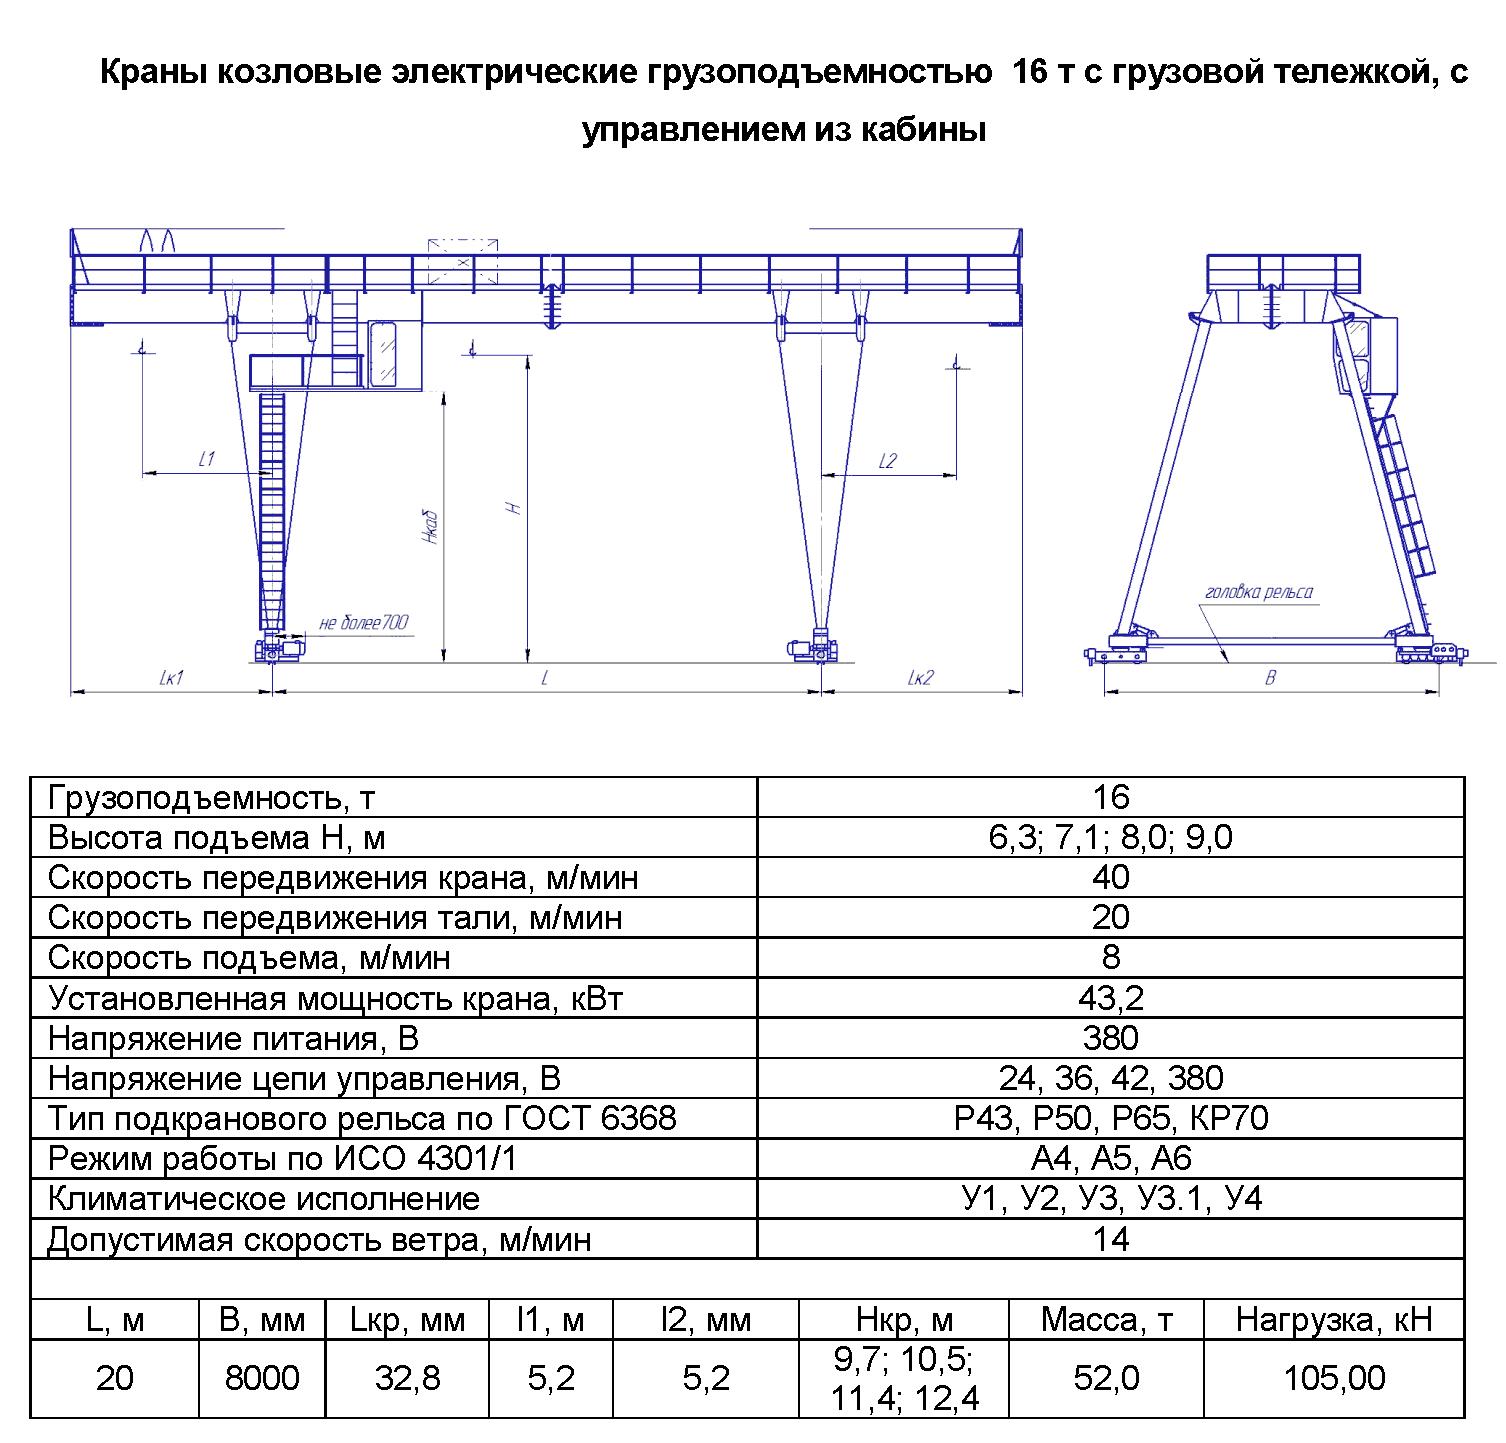 KKD 16 200 - Кран козловой электрический двухбалочный